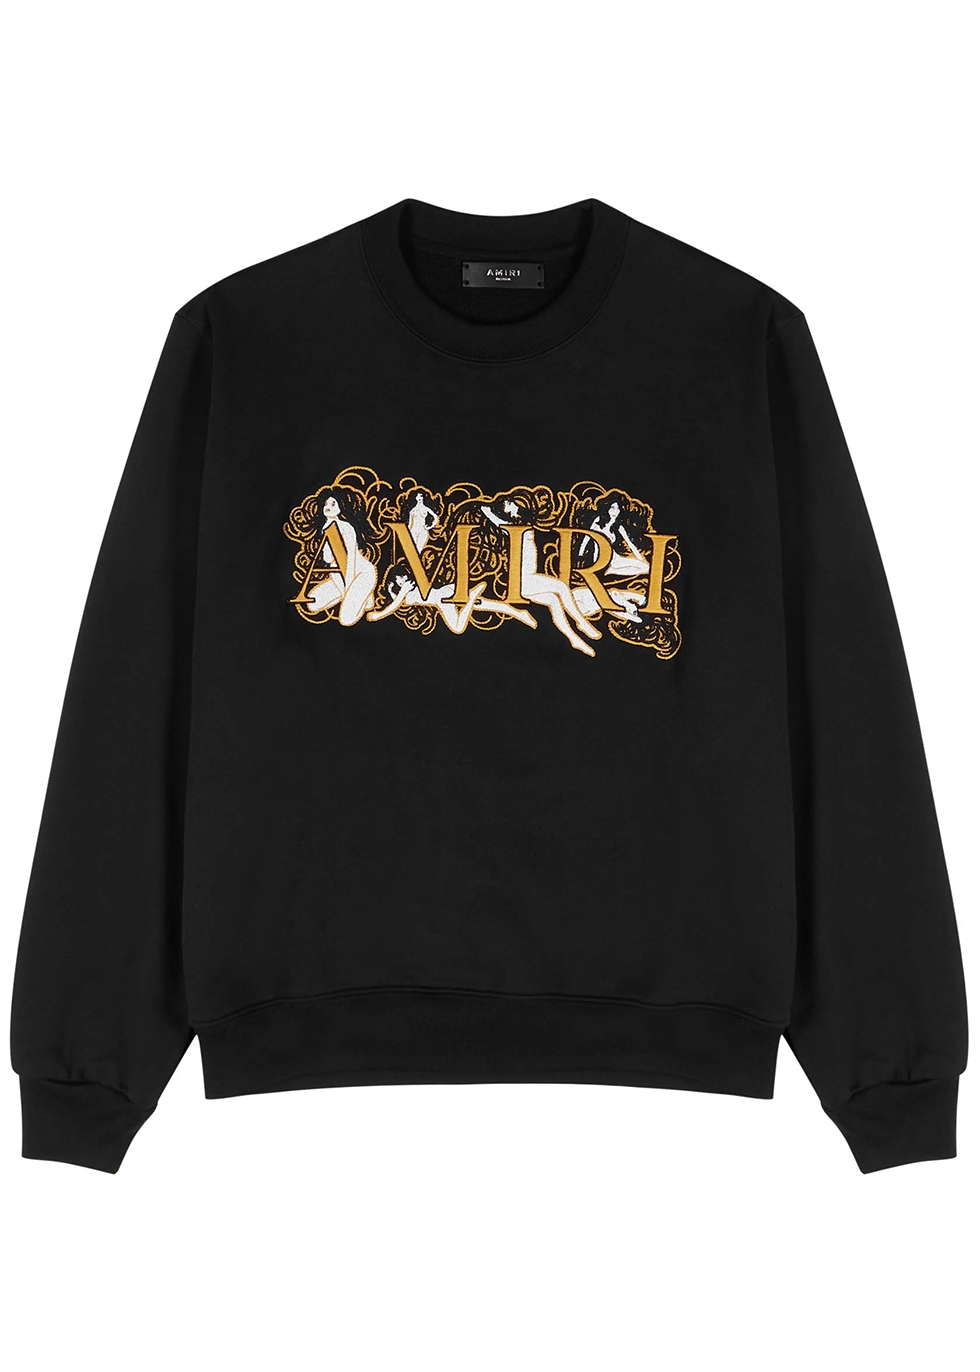 Black embroidered cotton sweatshirt